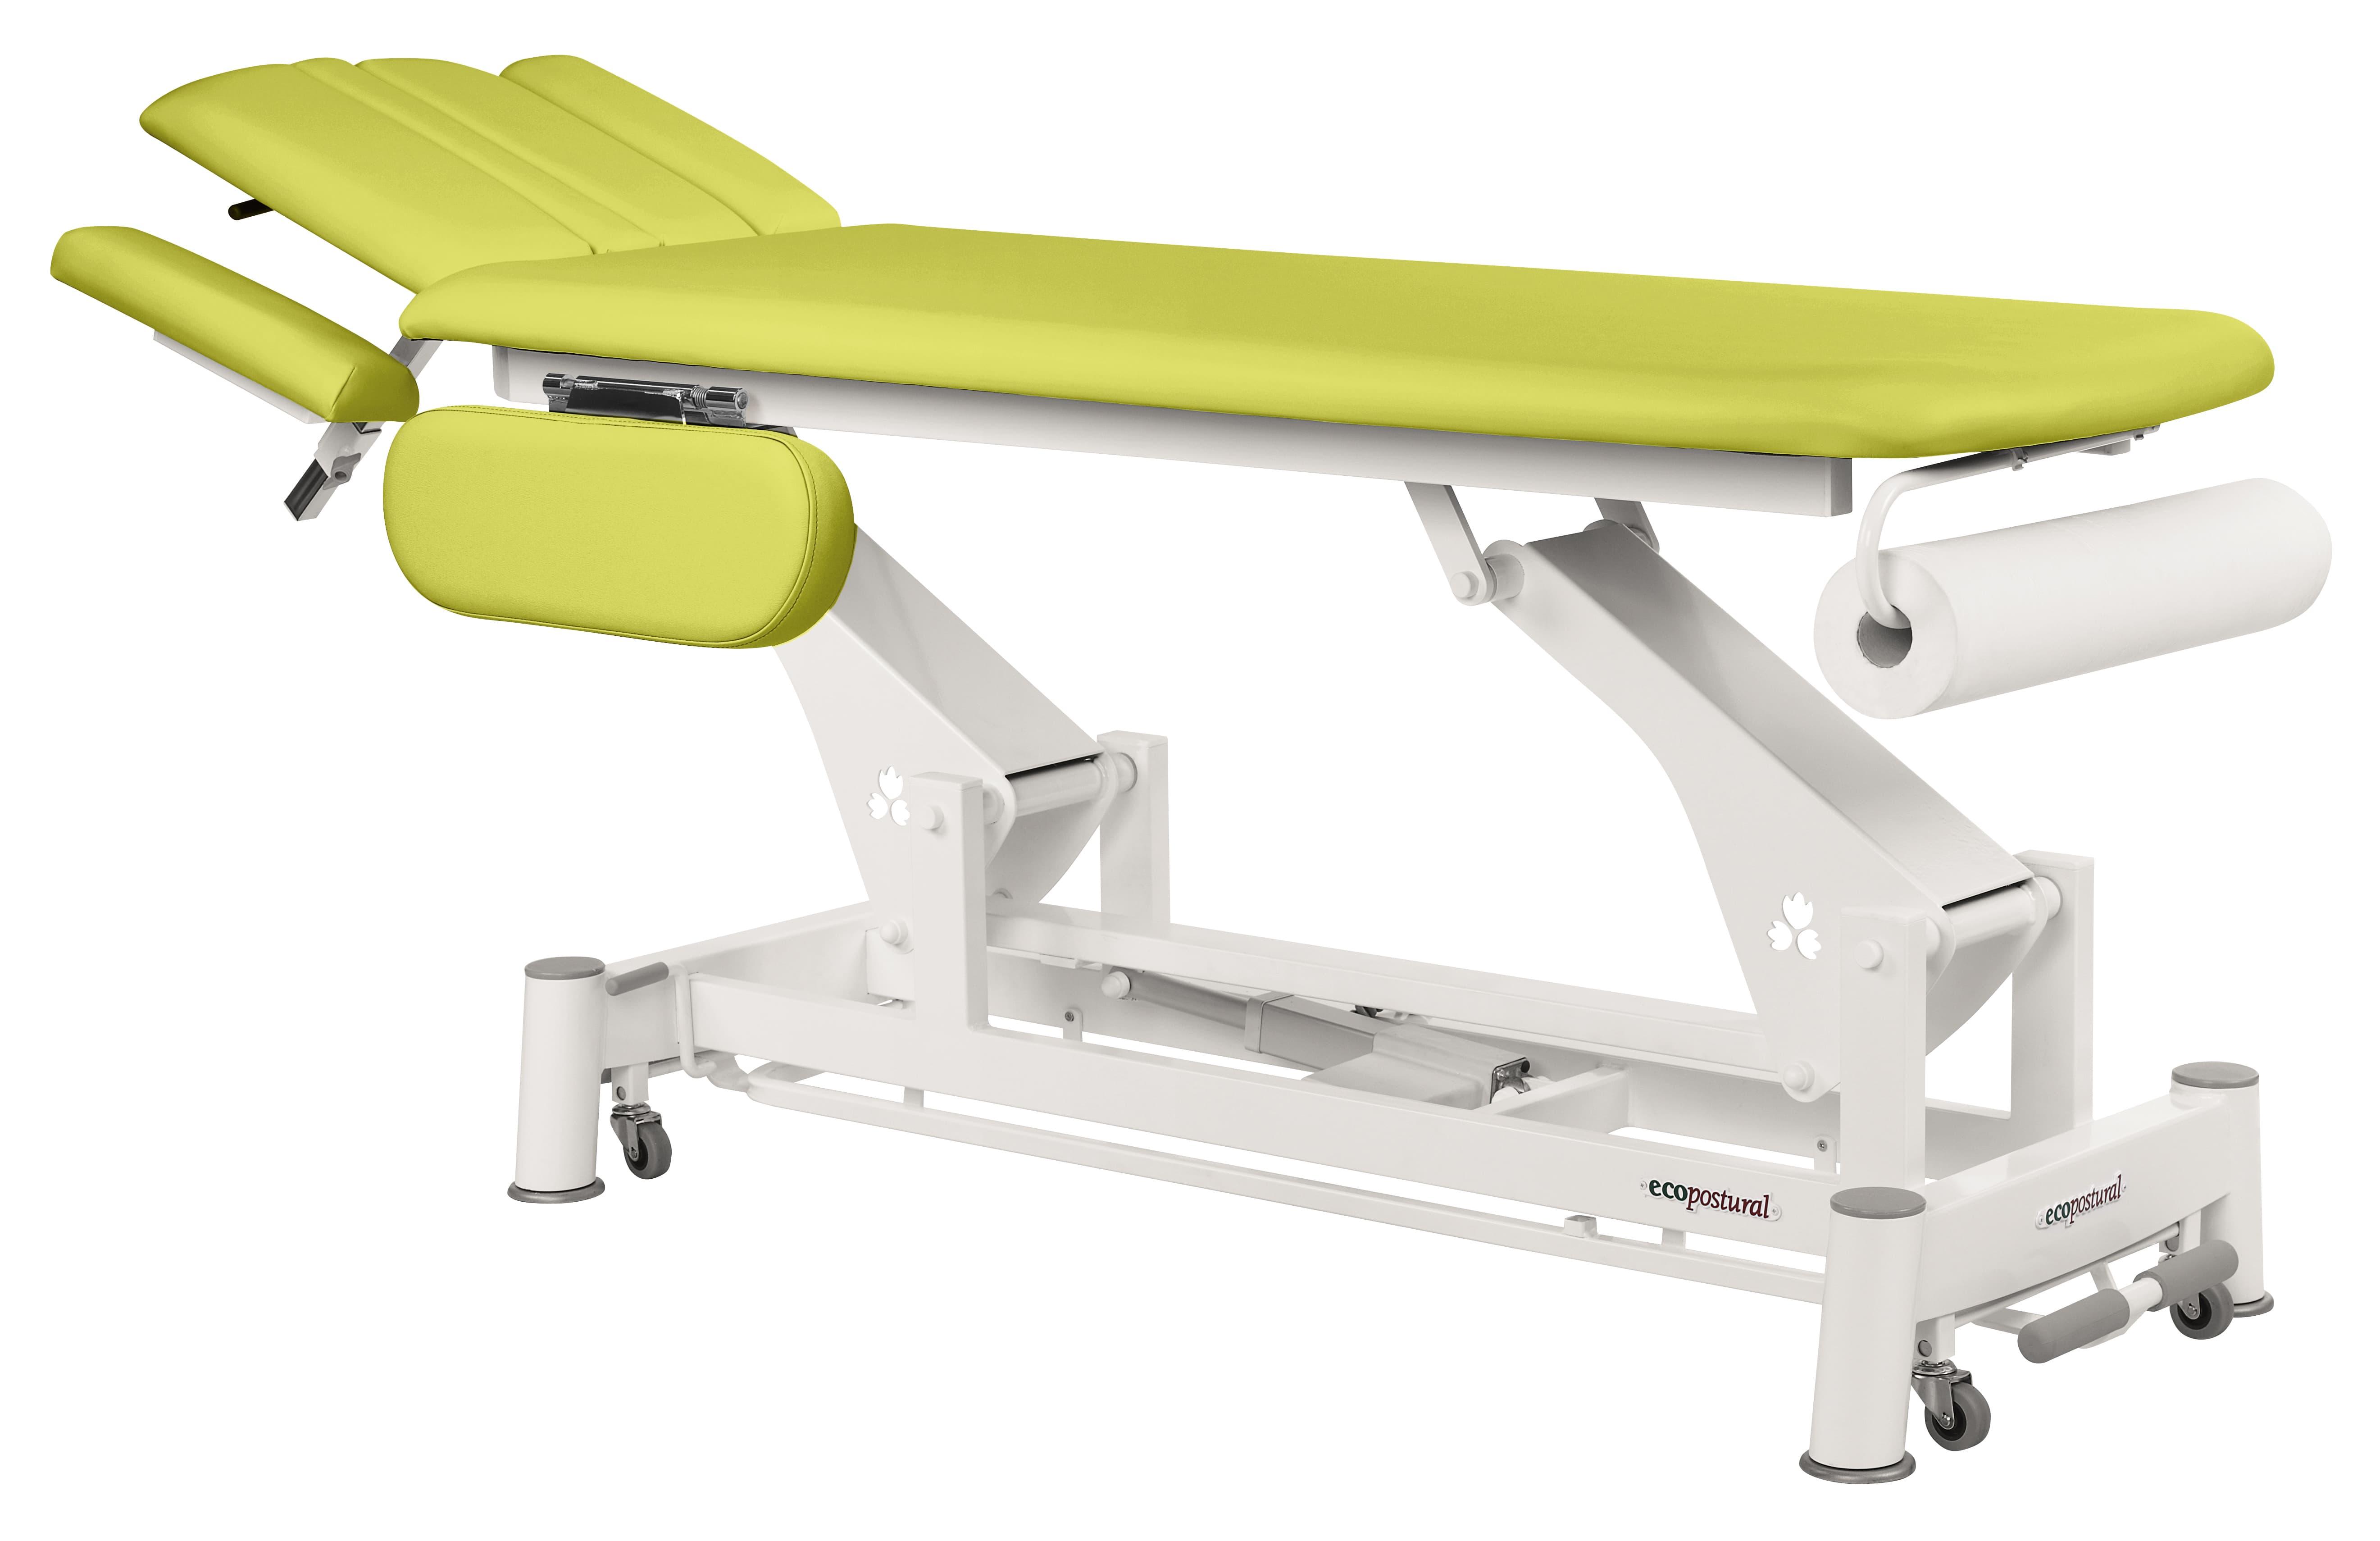 Table De Massage Electrique Osteopathe Ecopostural C5544 A 1 919 86